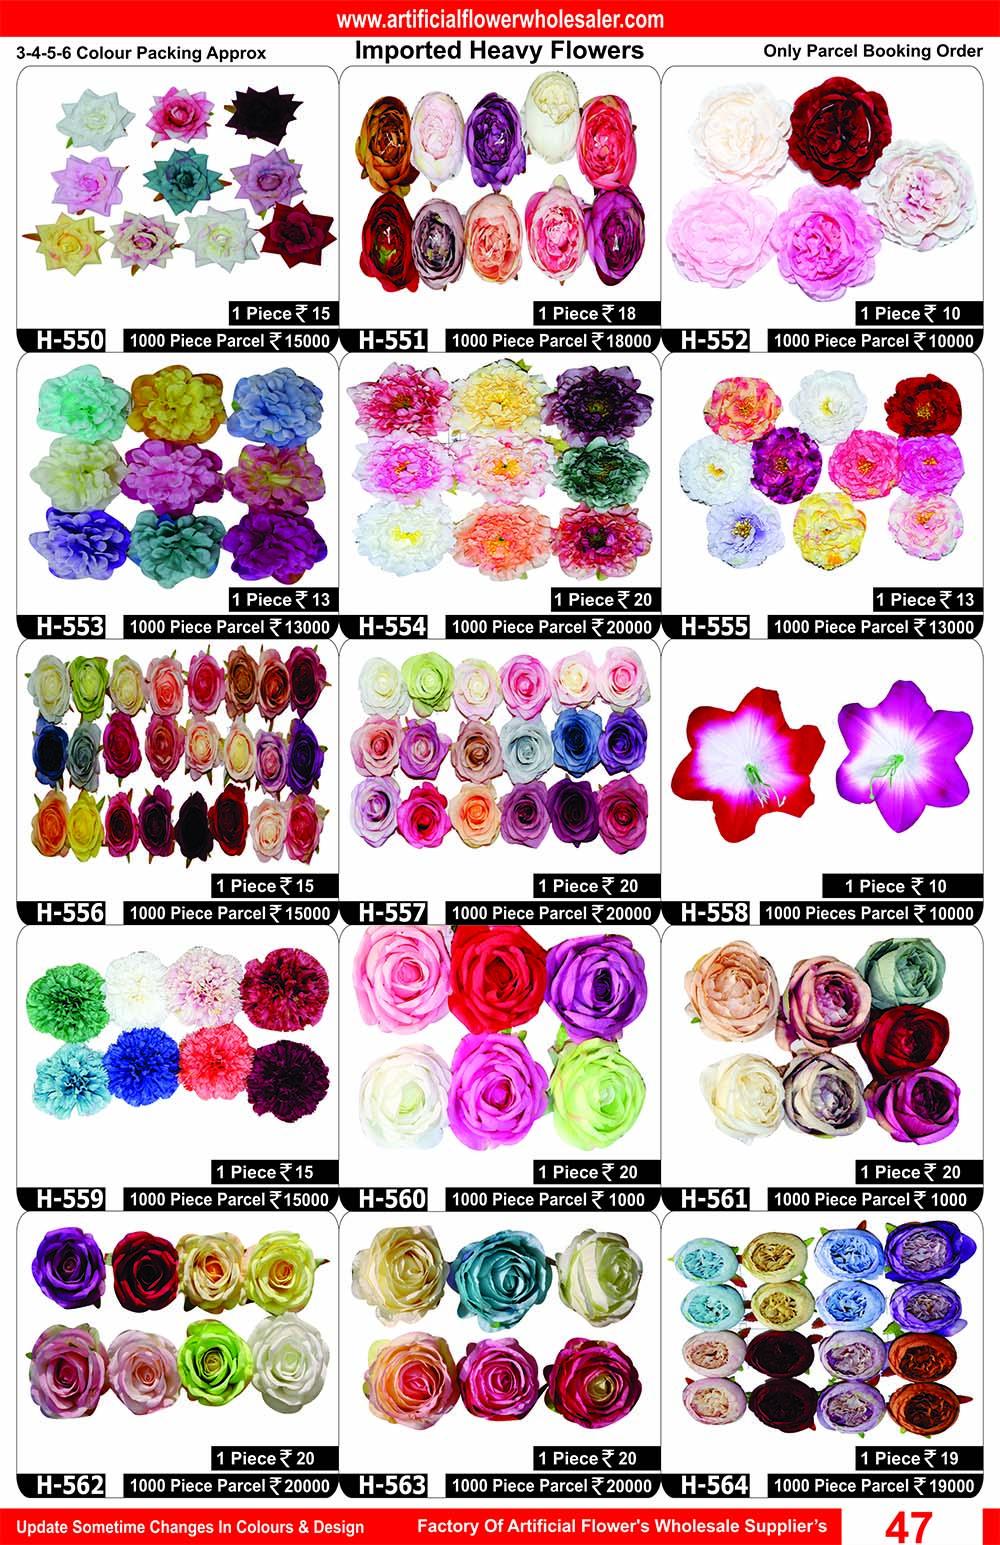 47-artificial-flower-wholesaler